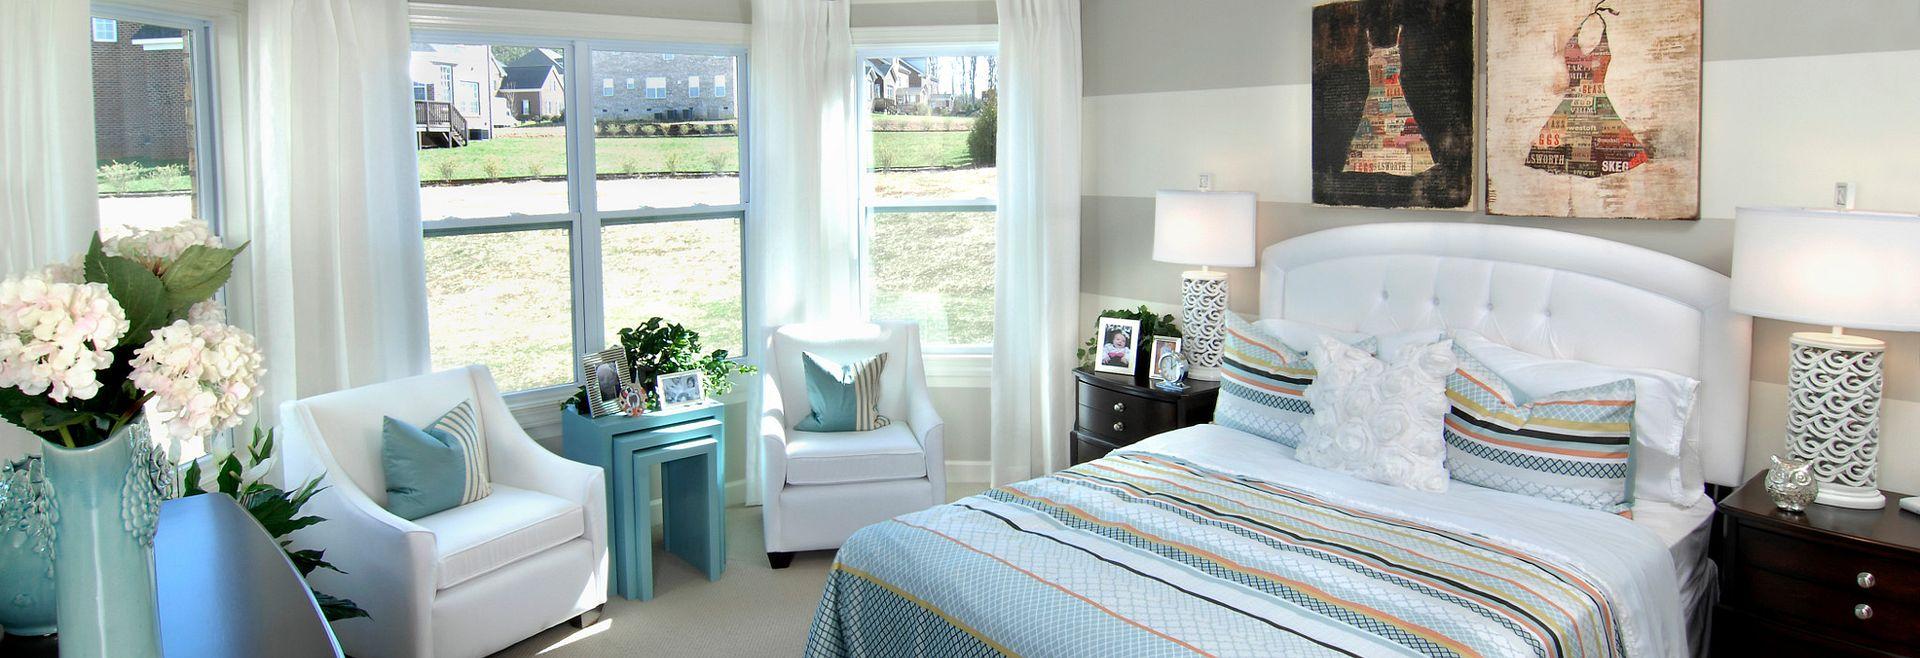 Silverado plan Bedroom 4 with bay window